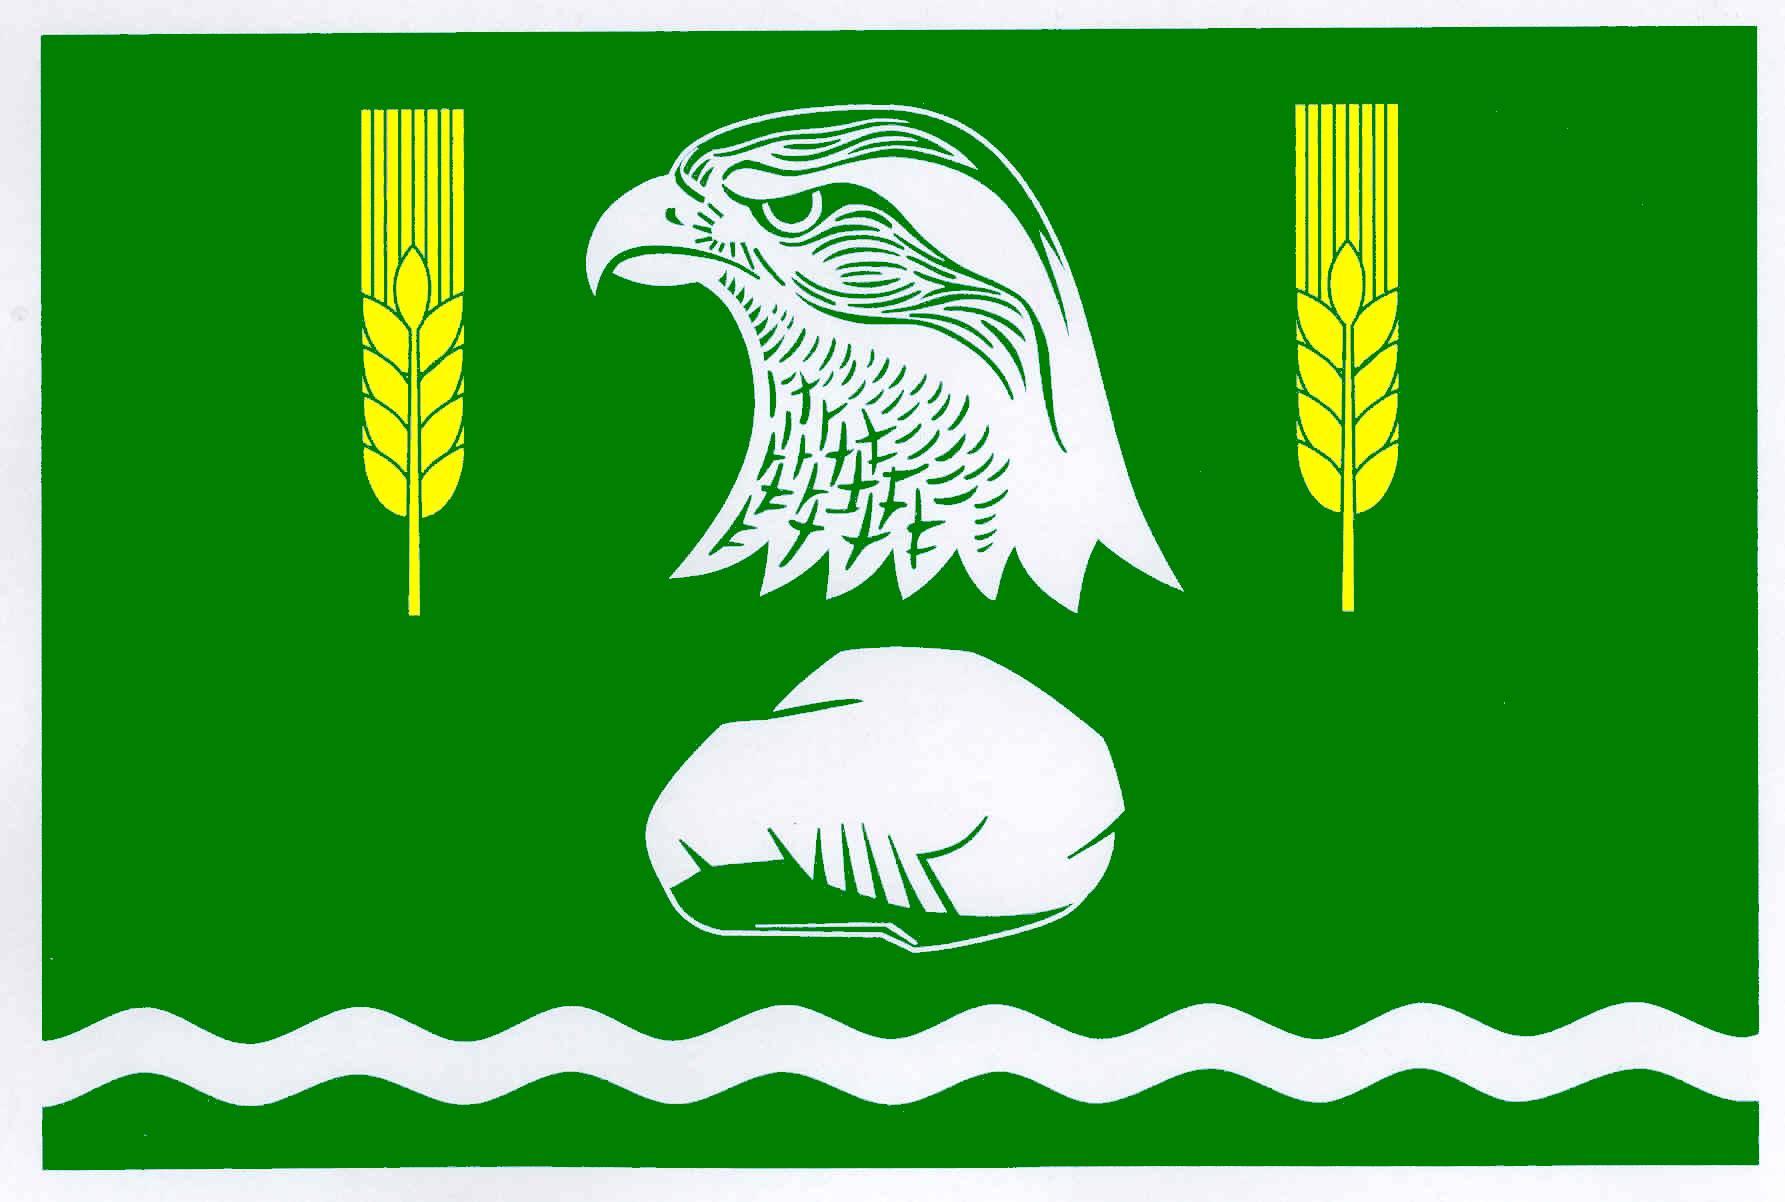 Flagge GemeindeFeldhorst, Kreis Stormarn